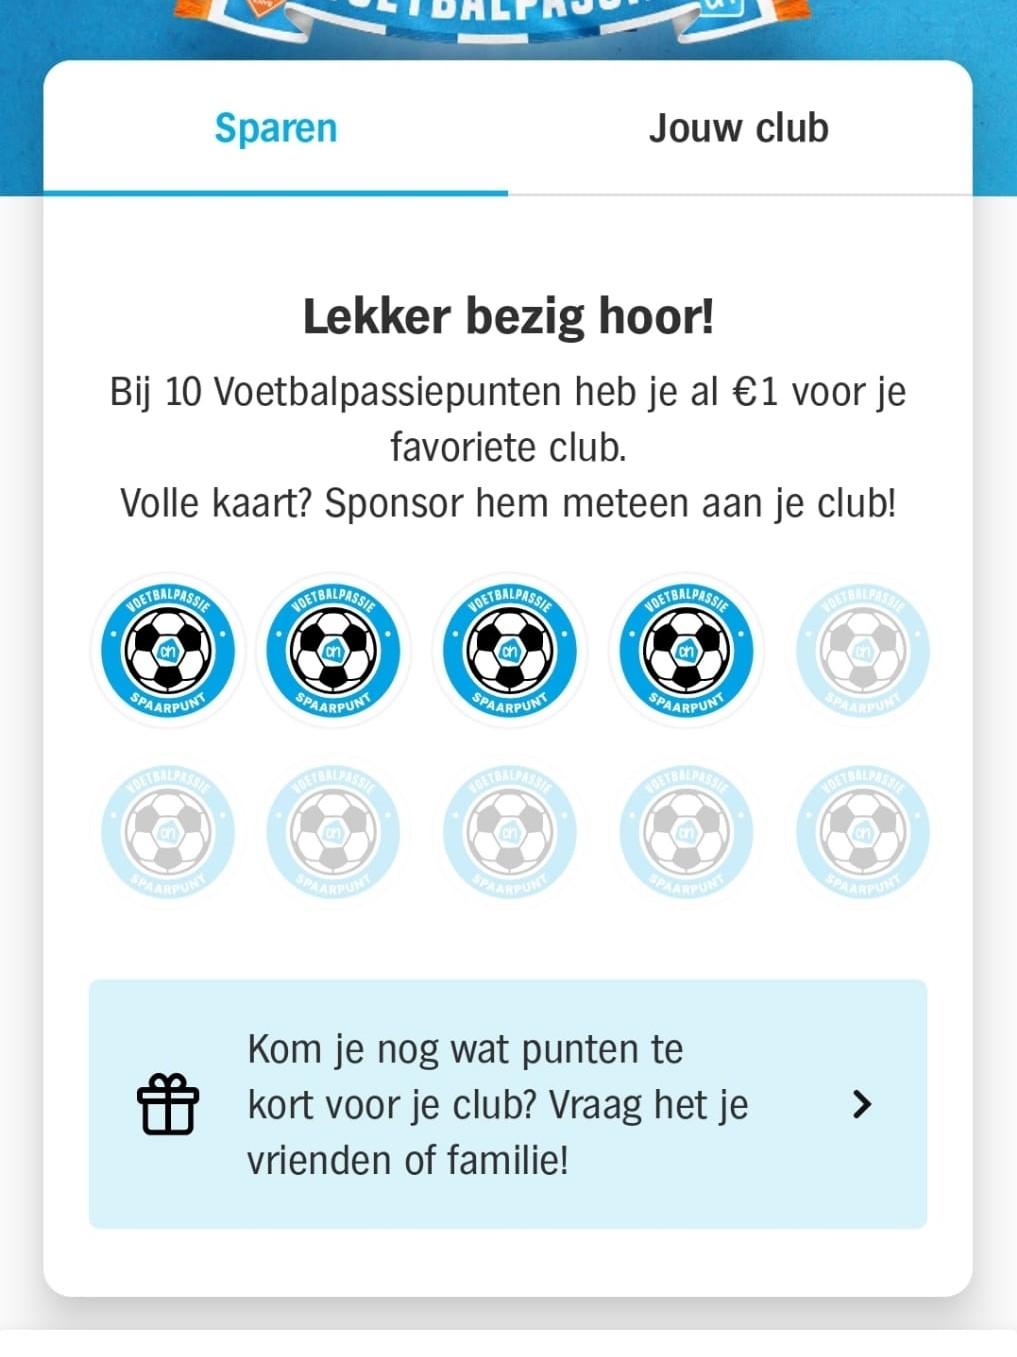 Nieuws over Voetbalpassie